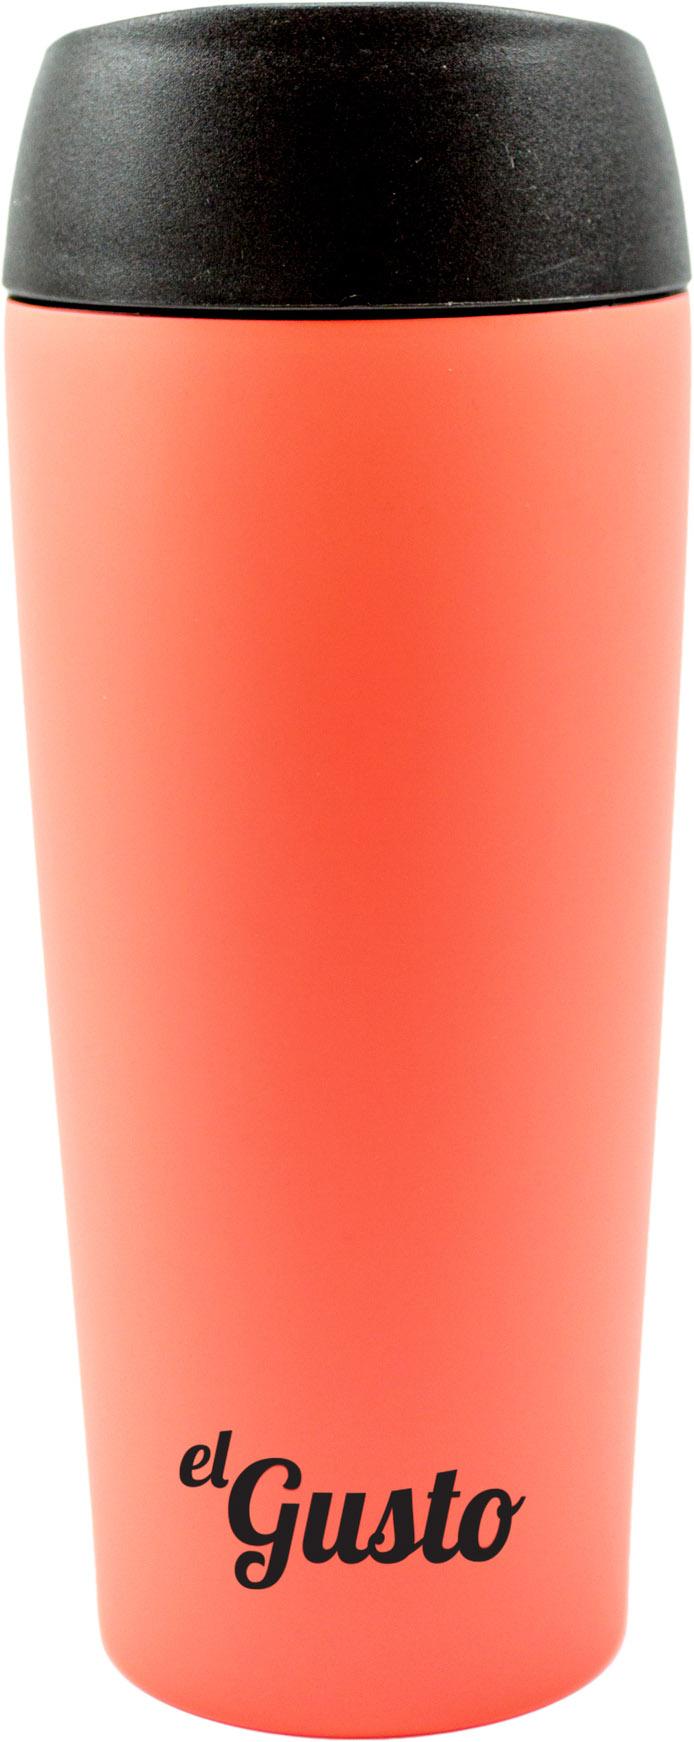 El Gusto Grano 0.47 л (110P) - термокружка (Peach) термокружка el gusto grano 470ml peach 110p